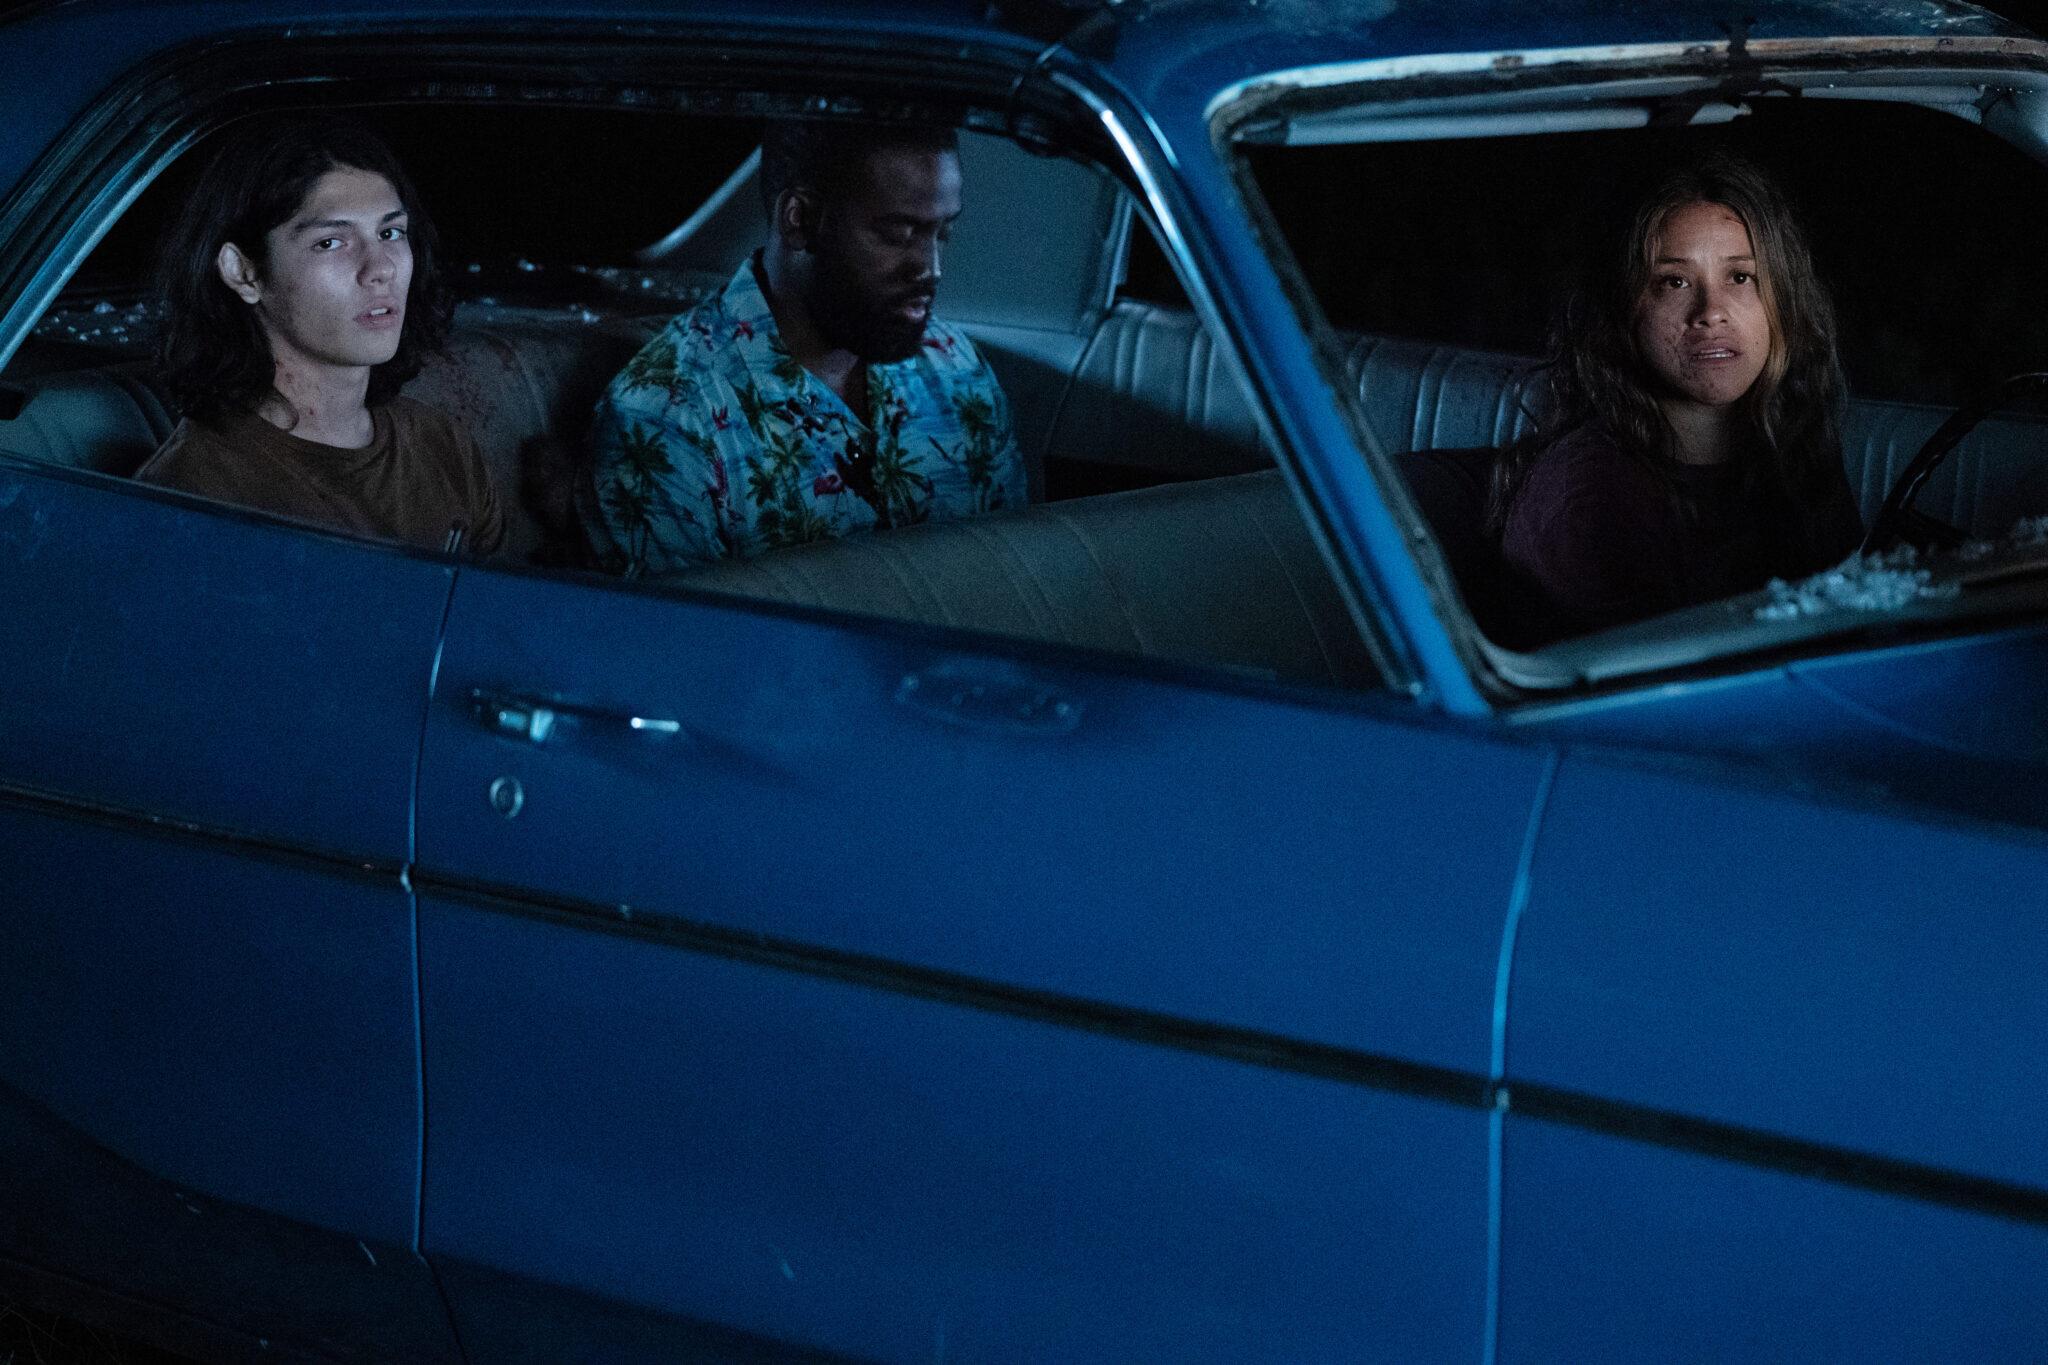 In einem blauen Wagen sitzen Noah, Dodge und Jill (von links nach rechts). Es ist nachts und alle tragen den Schrecken im Gesicht.